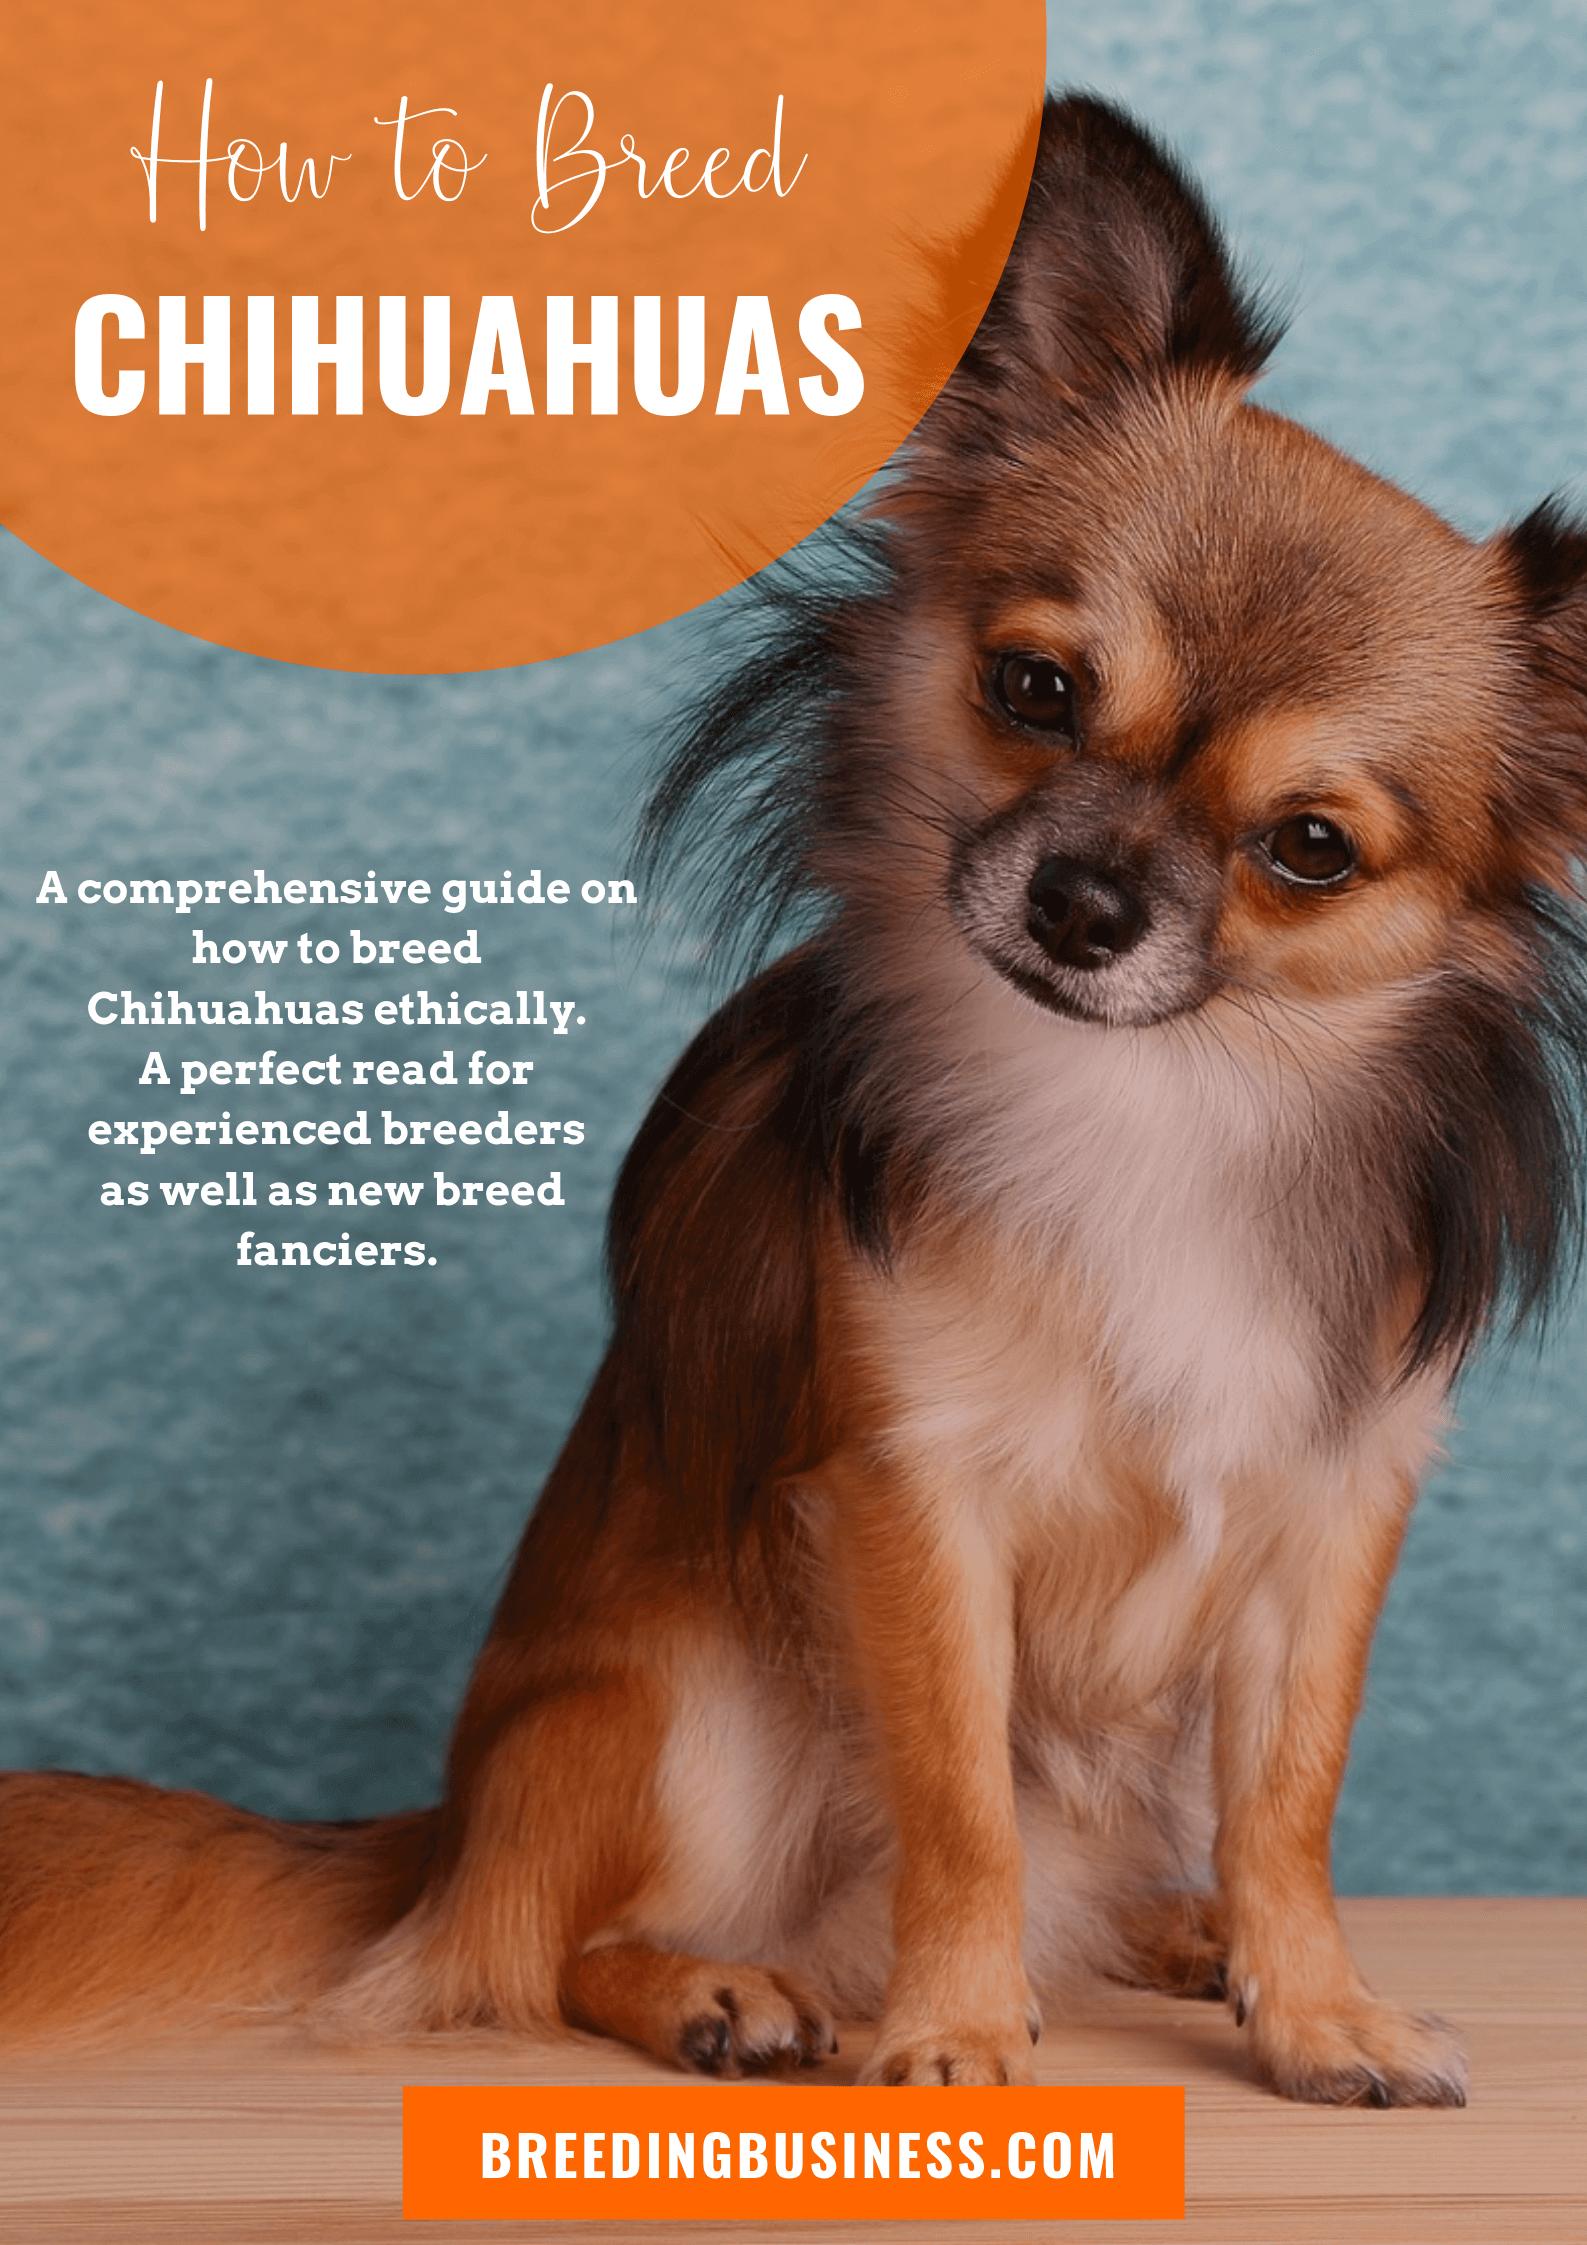 breeding Chihuahuas